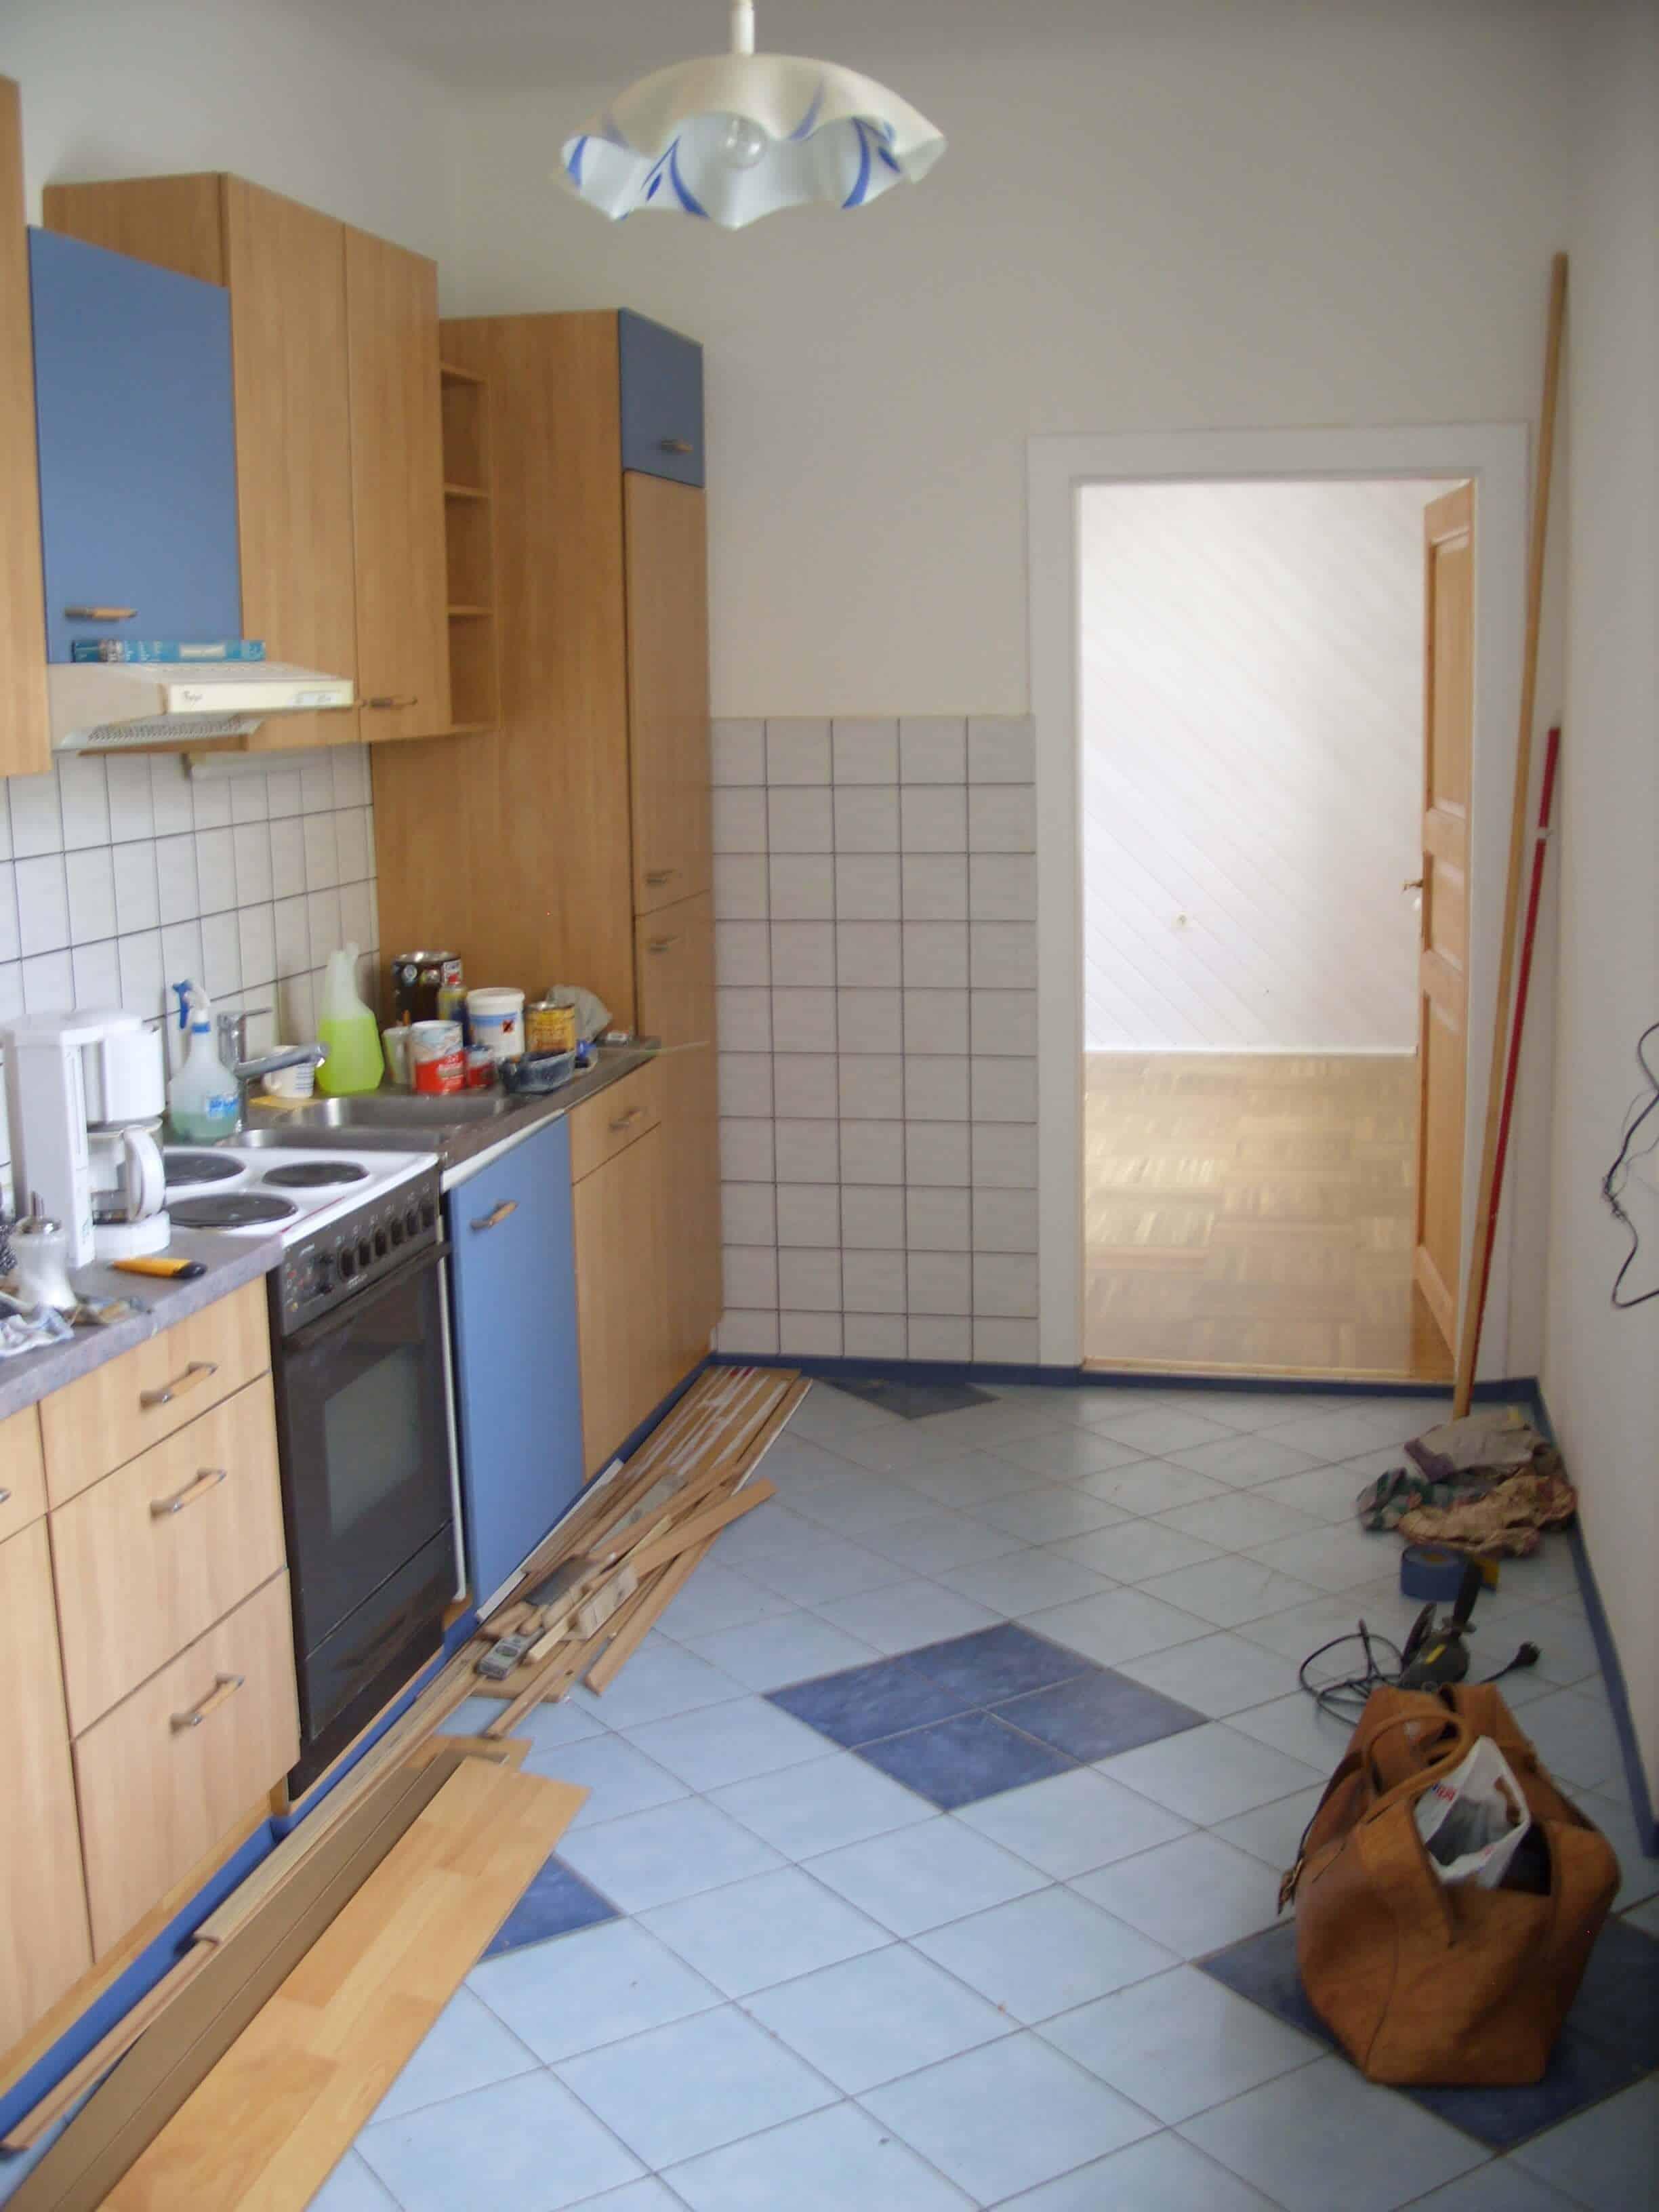 Wohnung zu vermieten baptisten graz for Wohnung vermieten